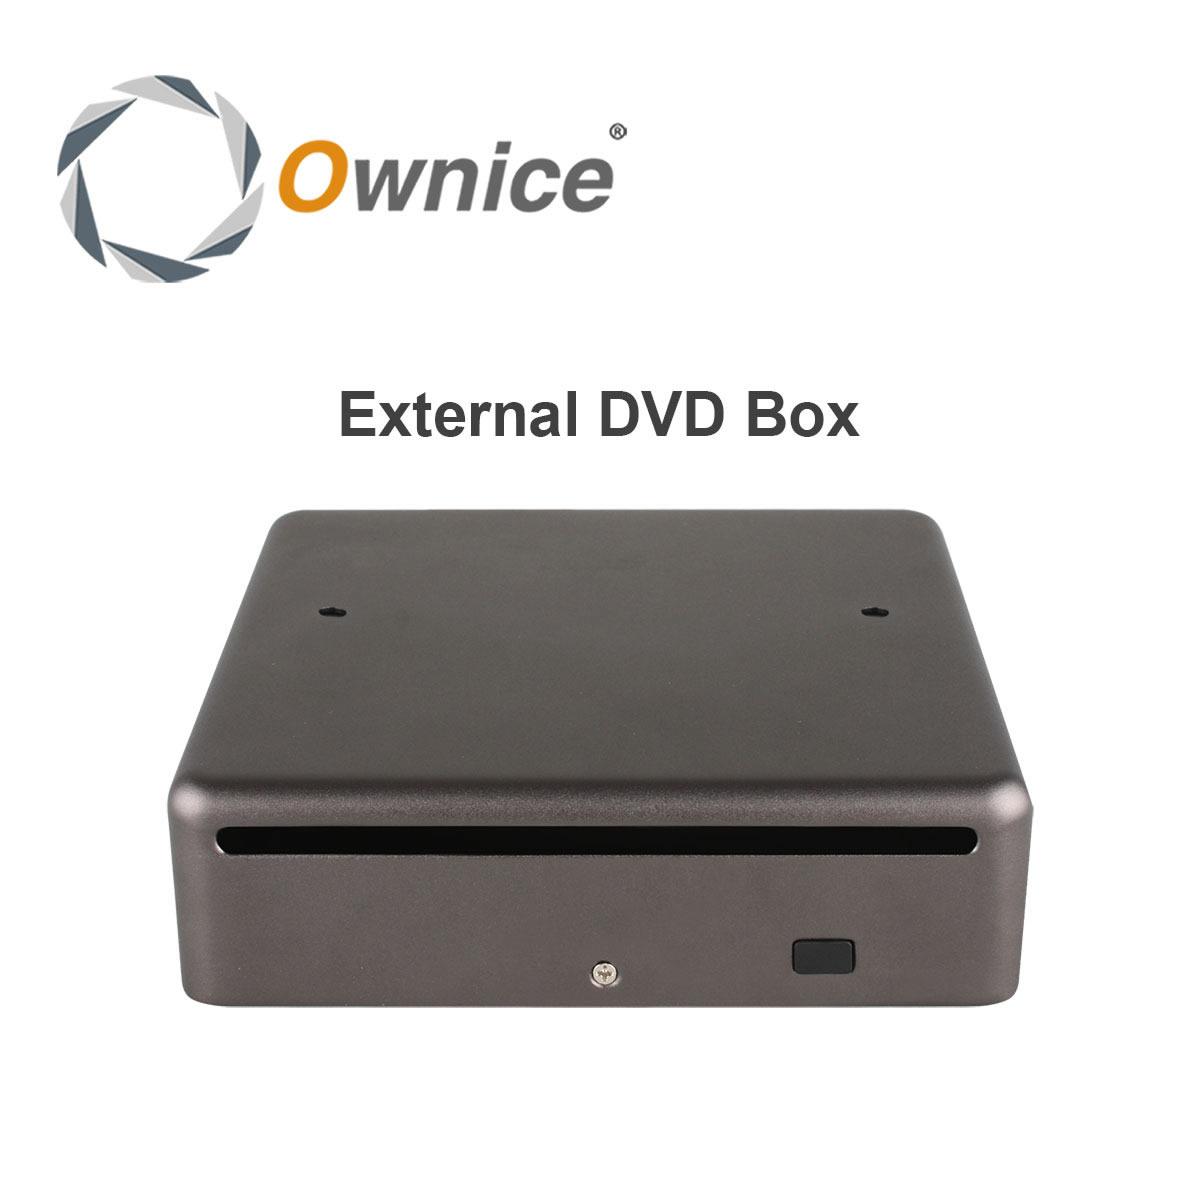 Ownice Externe dvd box Unterstützung Spielen DVD CD Nur für Ownice Auto Radio Player Nur